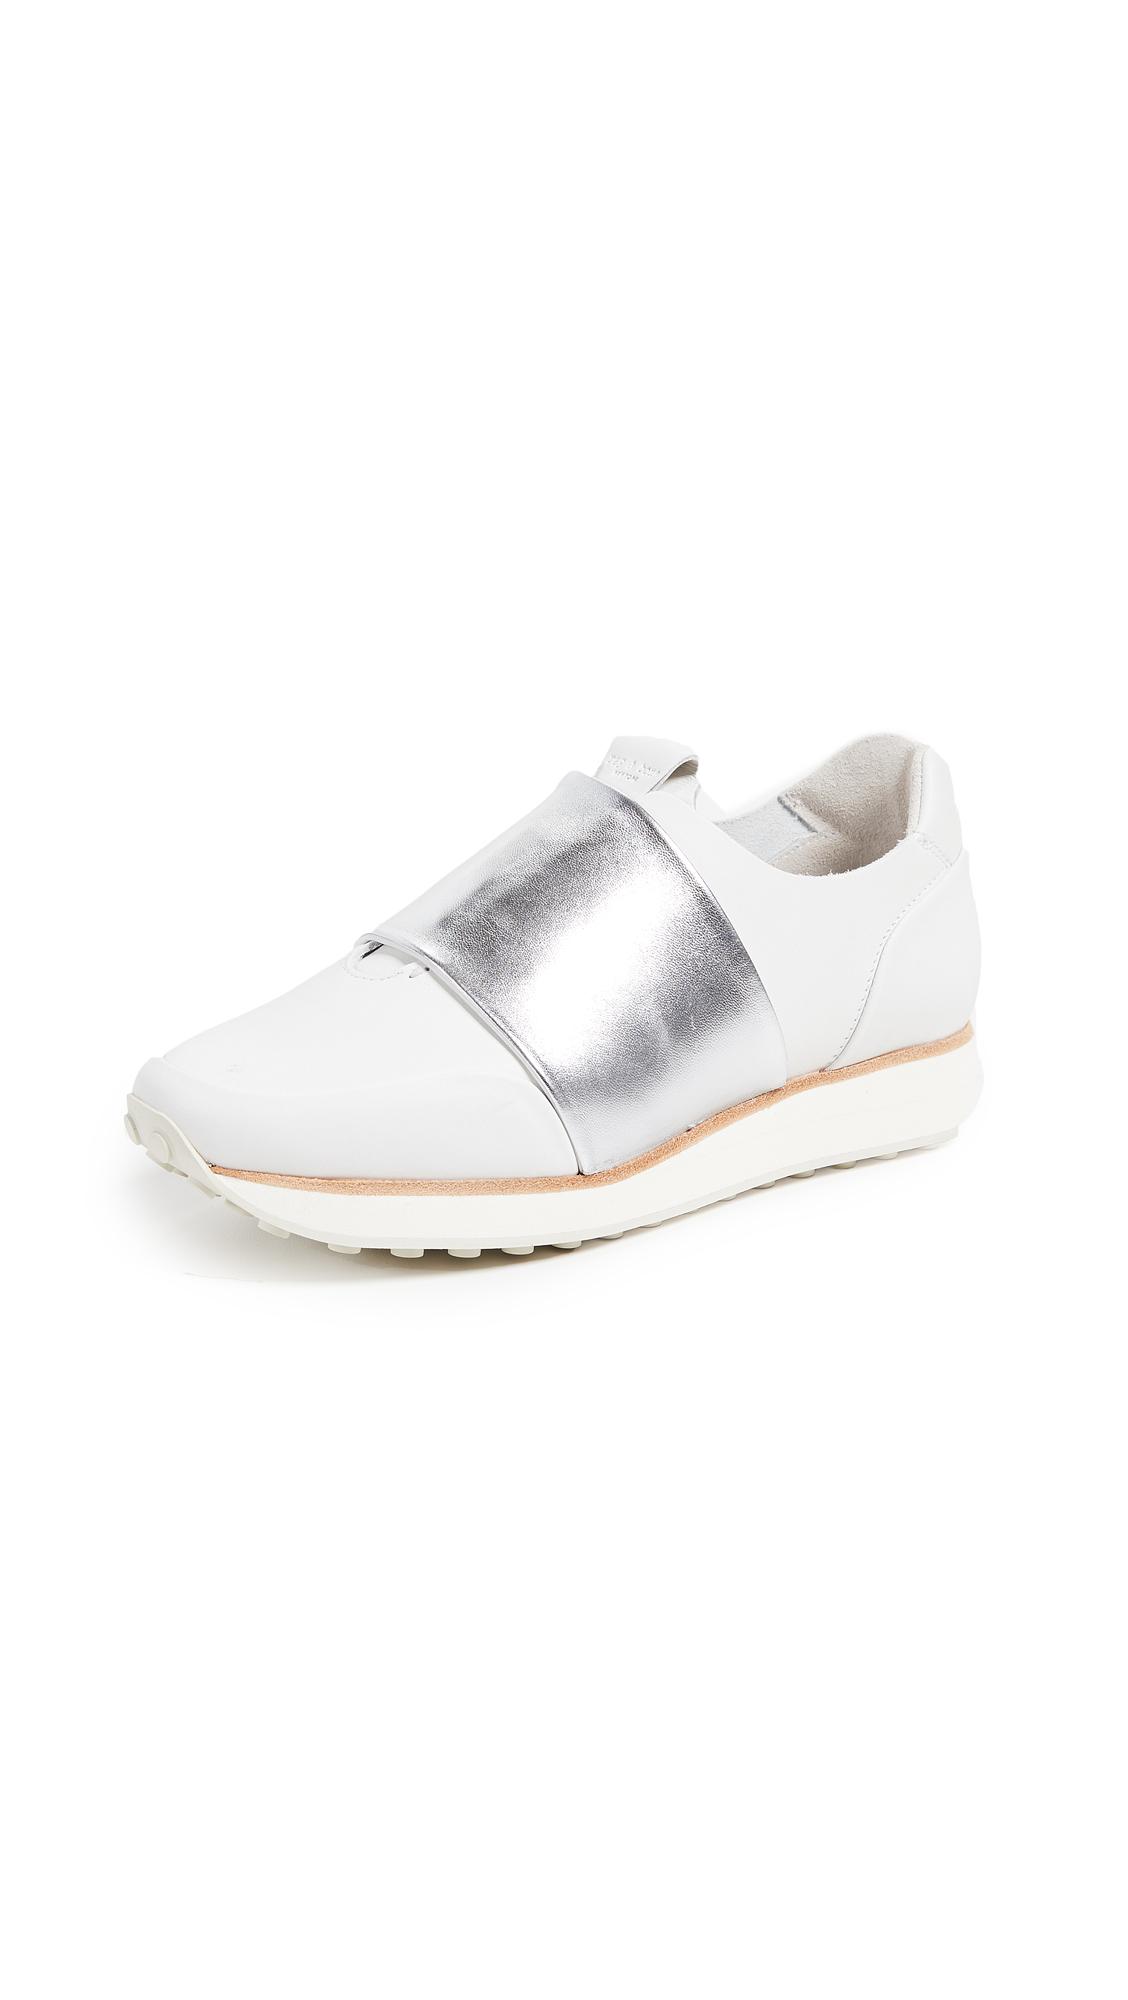 Rag & Bone Dylan Sneakers - White/Silver